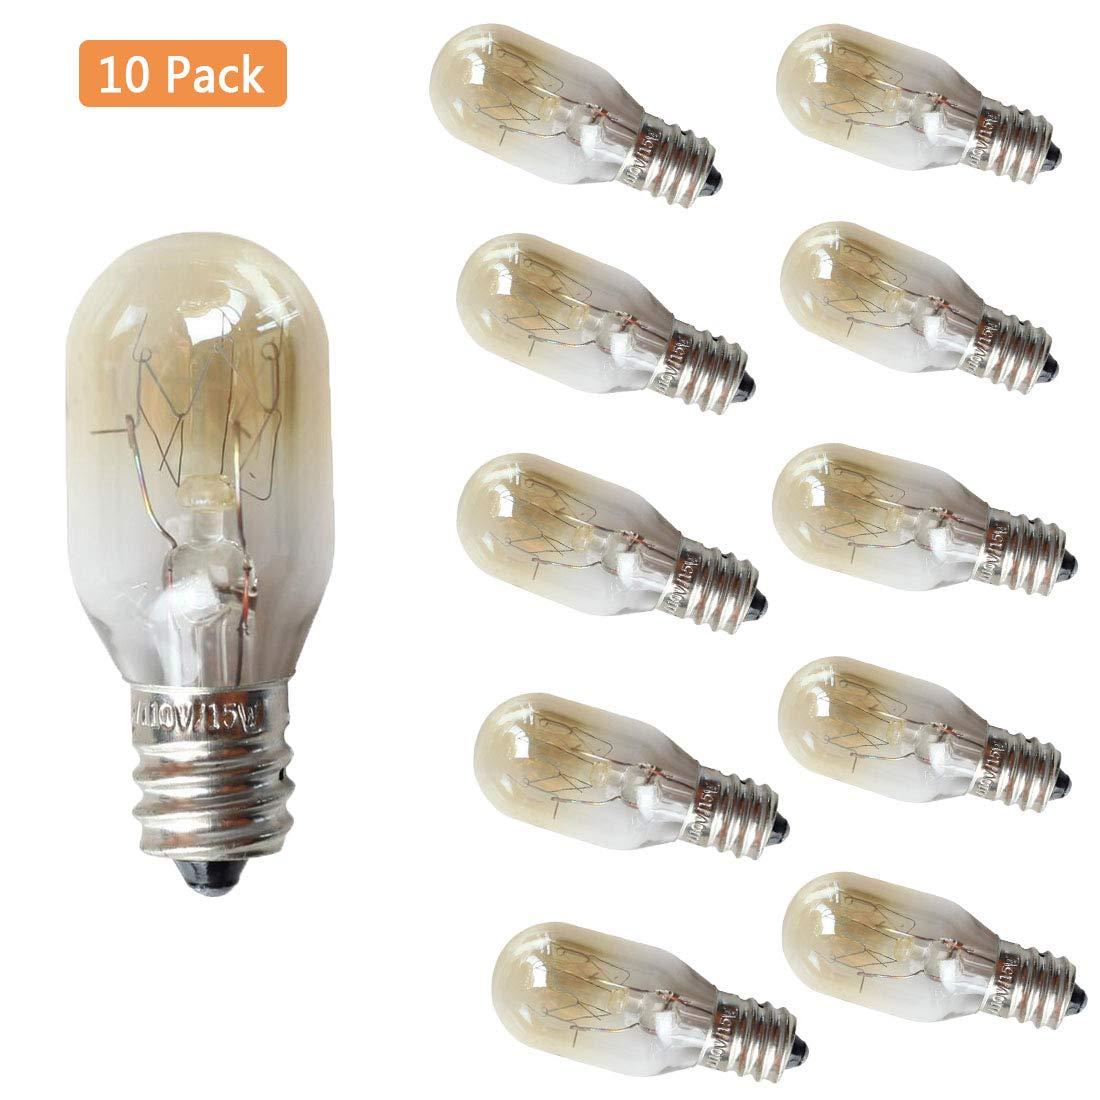 EBD Lighting 15W E12 Refrigerator Light Bulb (10 Pack) 15W 110V 2700K Warm Whit Microwave Oven Bulb Salt Lamp Light Bulbs Mini Bulbs E12 Candelabra Socket Appliance Light Bulbs